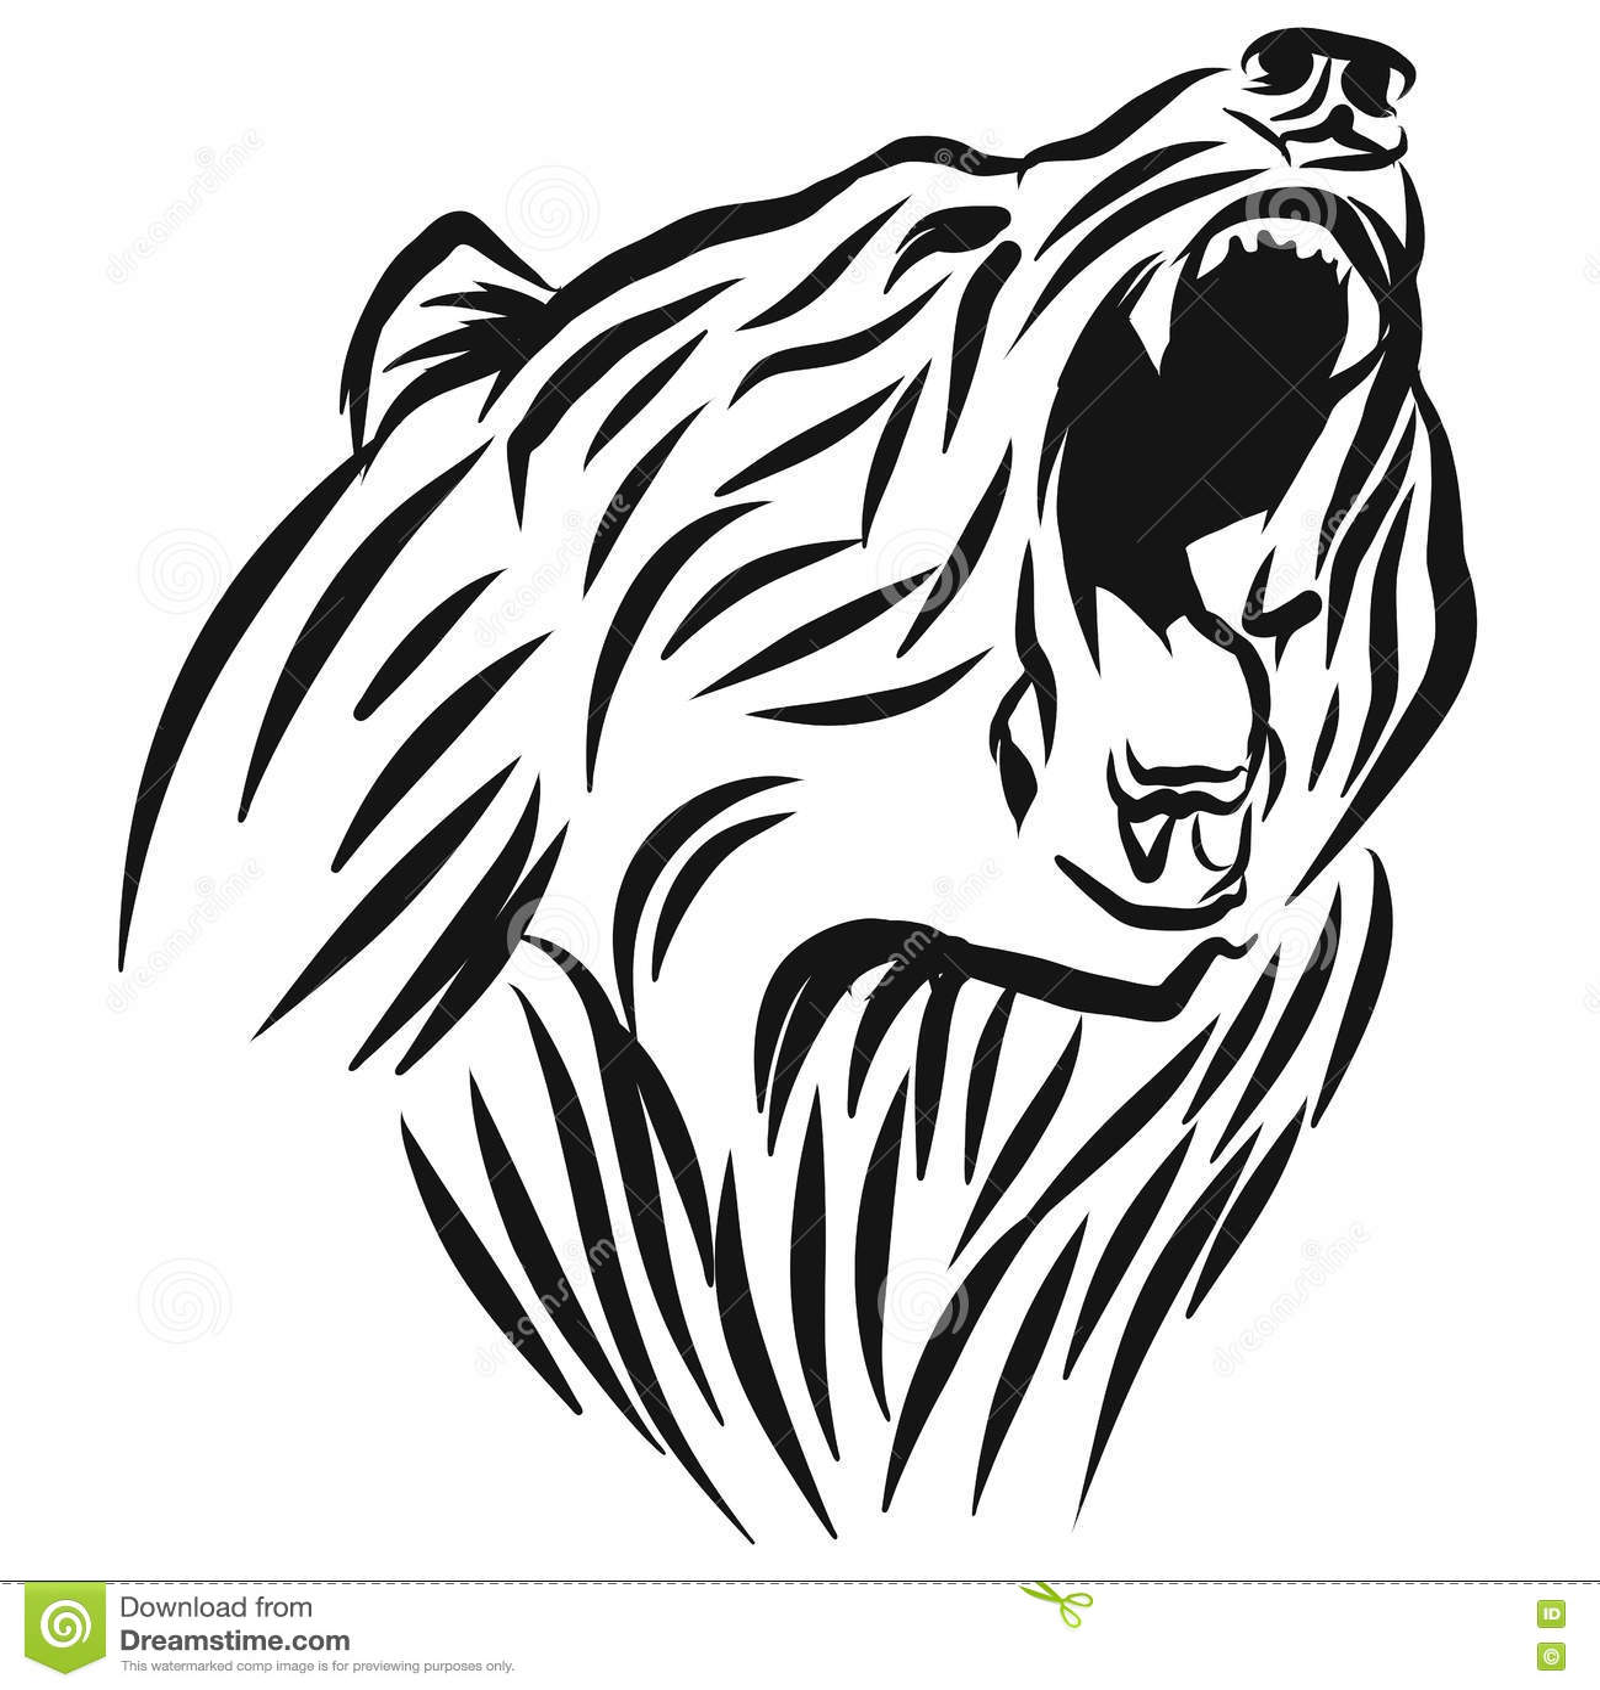 A Roaring Bear Head Logo Stock Vector Illustration Of